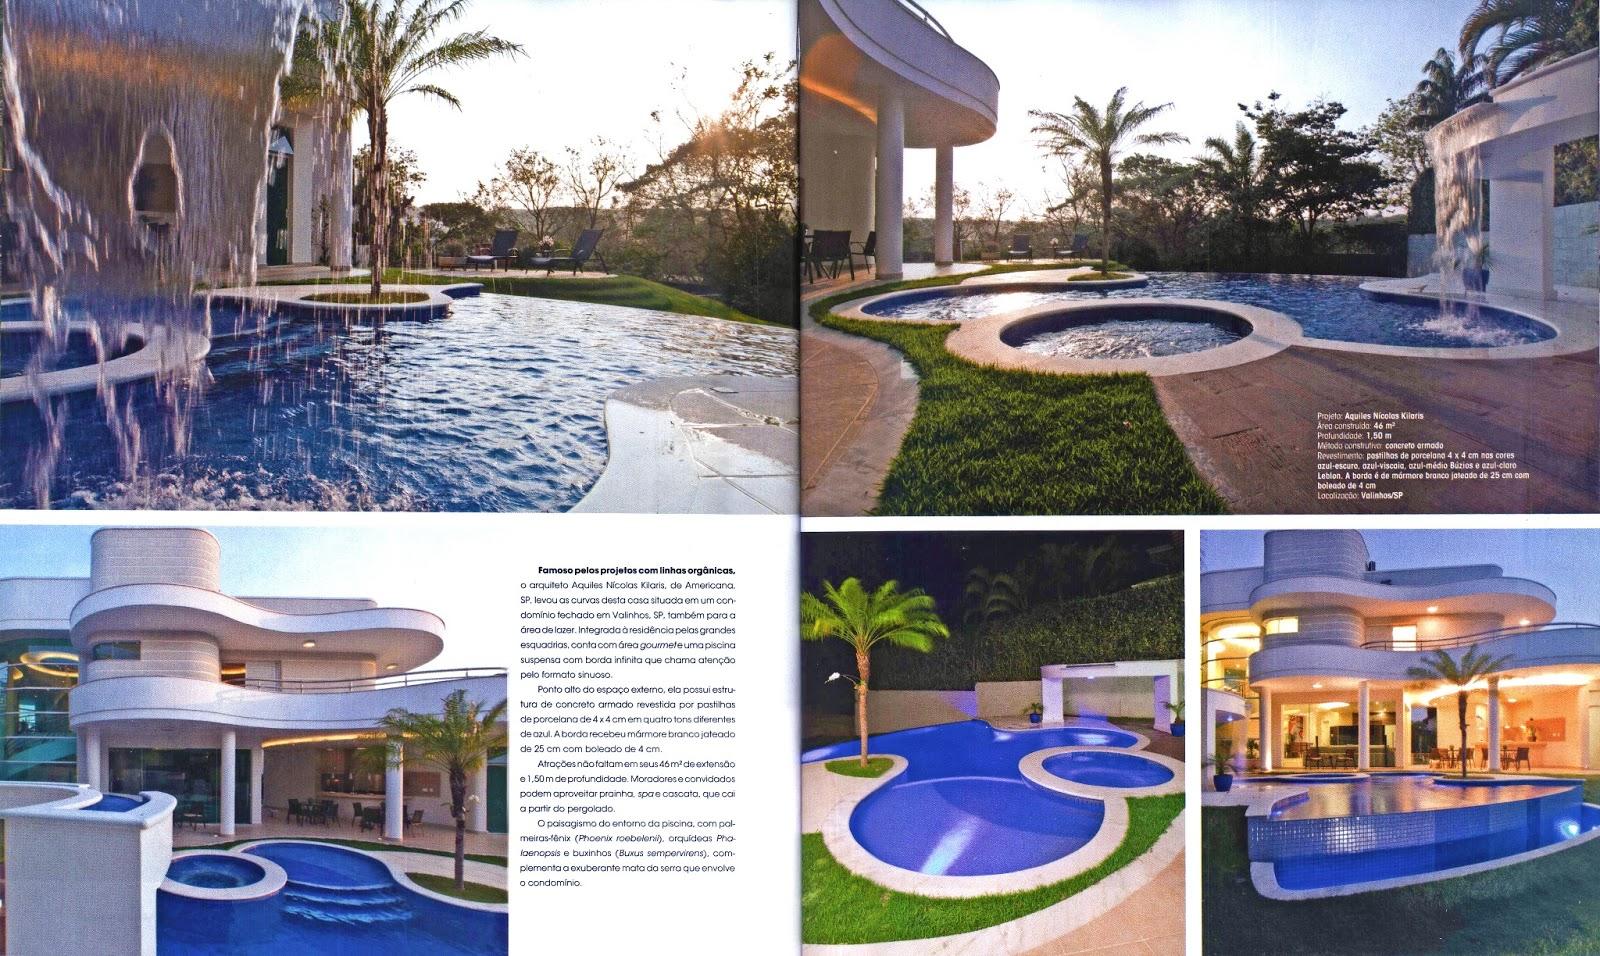 Ambiente piscinas revista de piscina auto design tech for Piscina 3 re